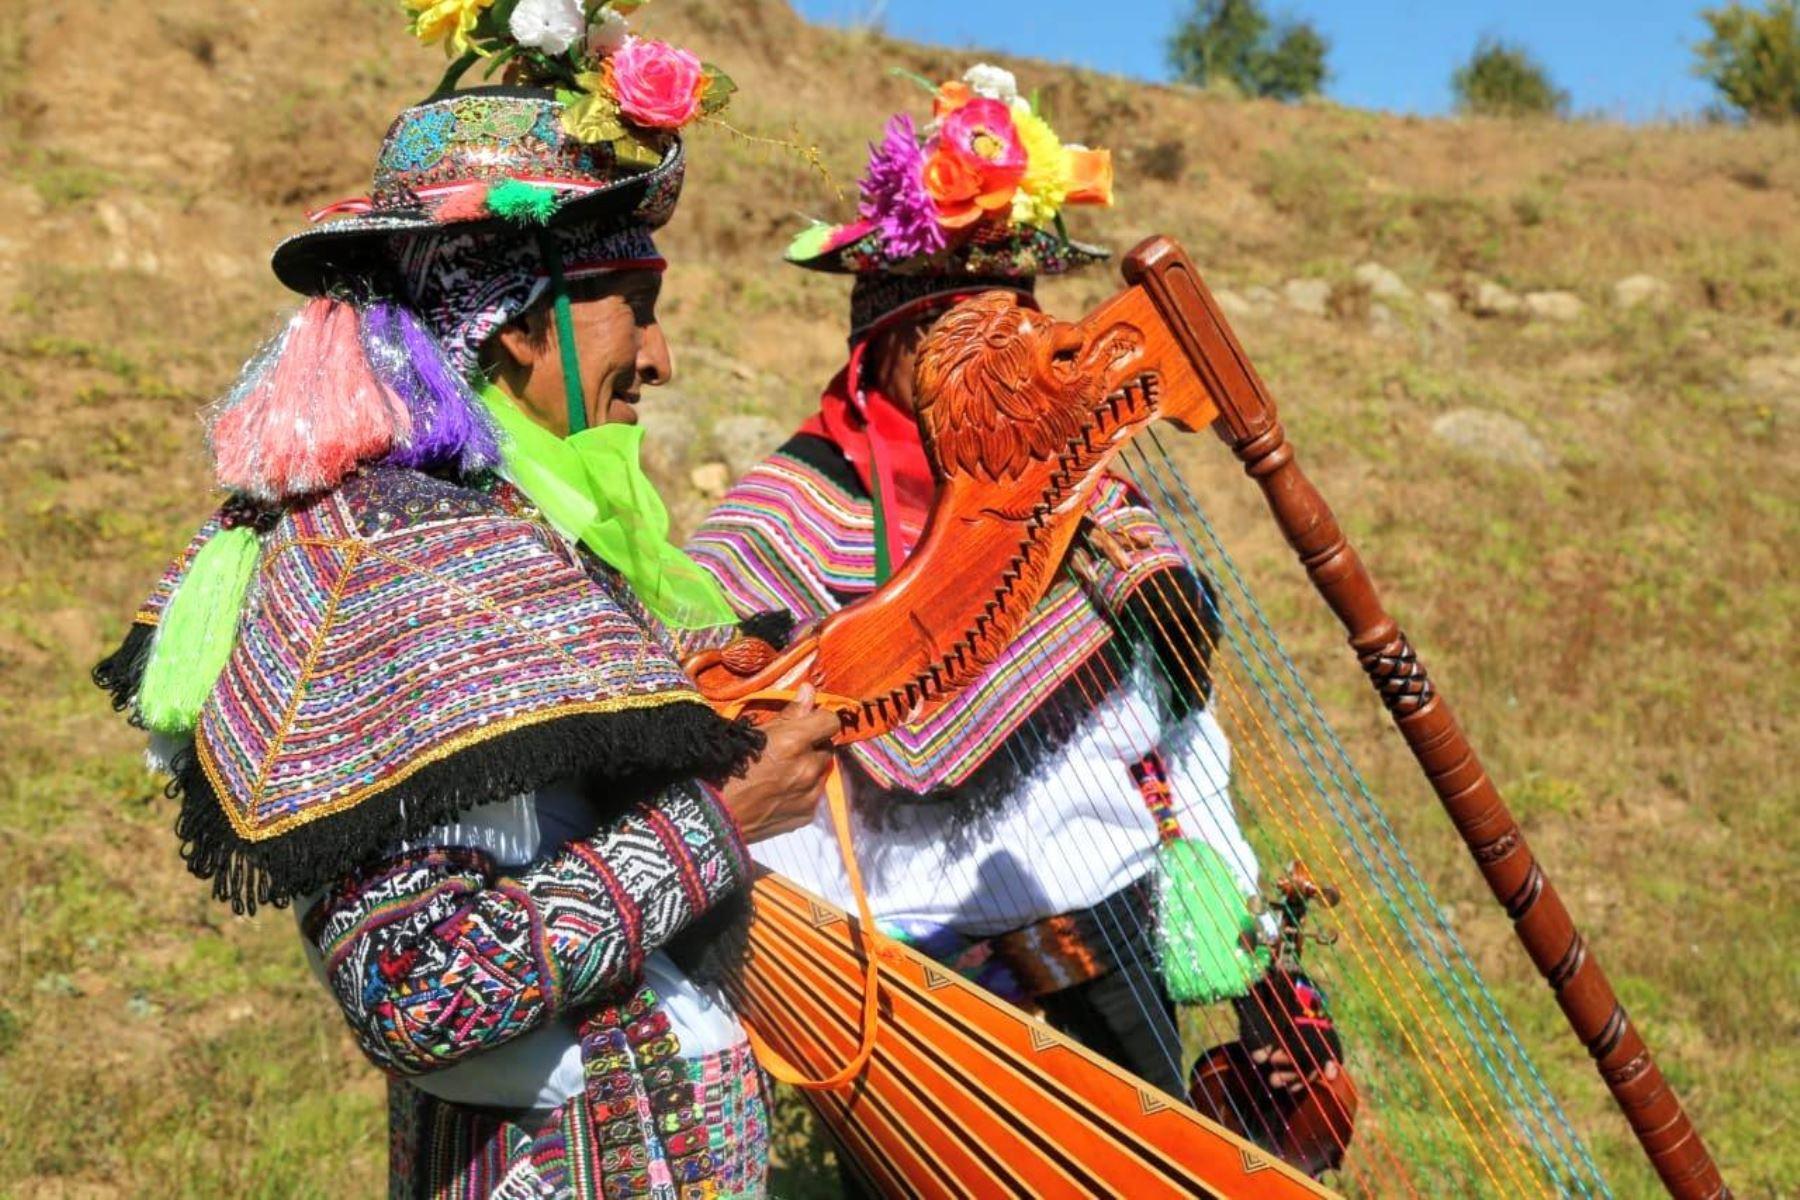 La ministra de Agricultura y Riego, Fabiola Muñoz llegó hasta la comunidad de Tacsana en el distrito de Yauli - Huancavelica, para celebrar el día nacional de la Papa.Foto: ANDINA/MINAGRI